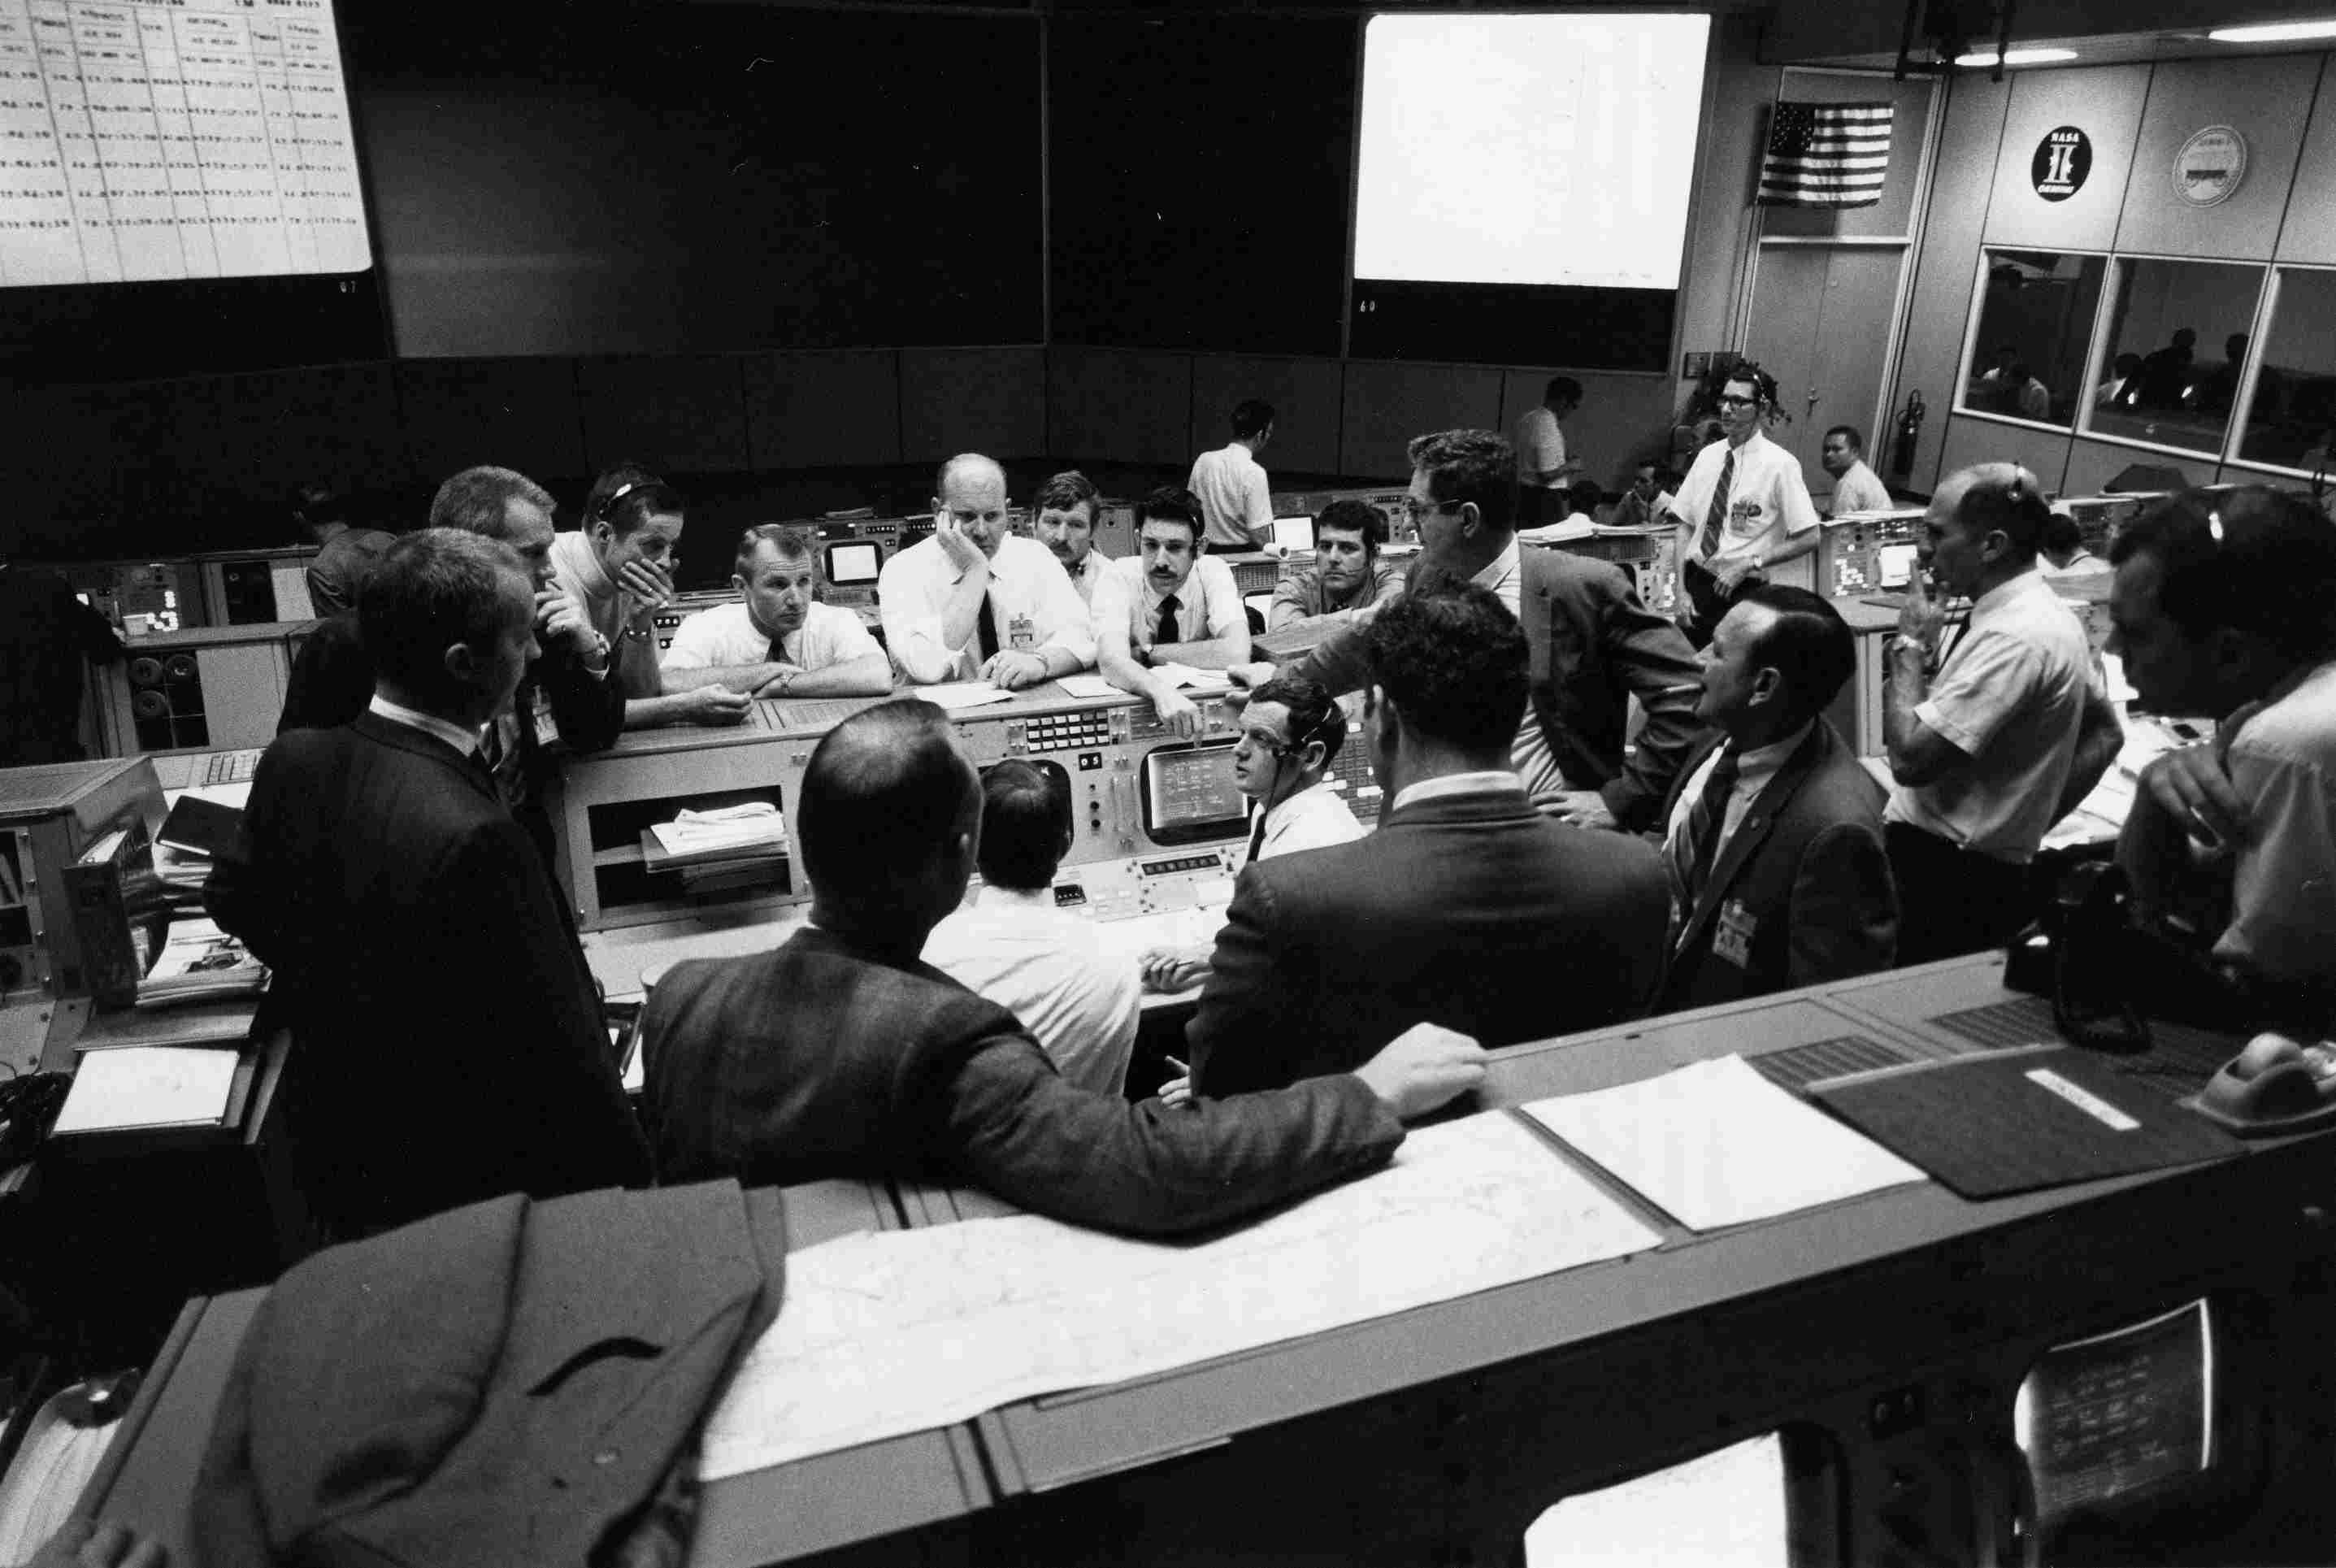 Apollo 13 Mission control in Houston